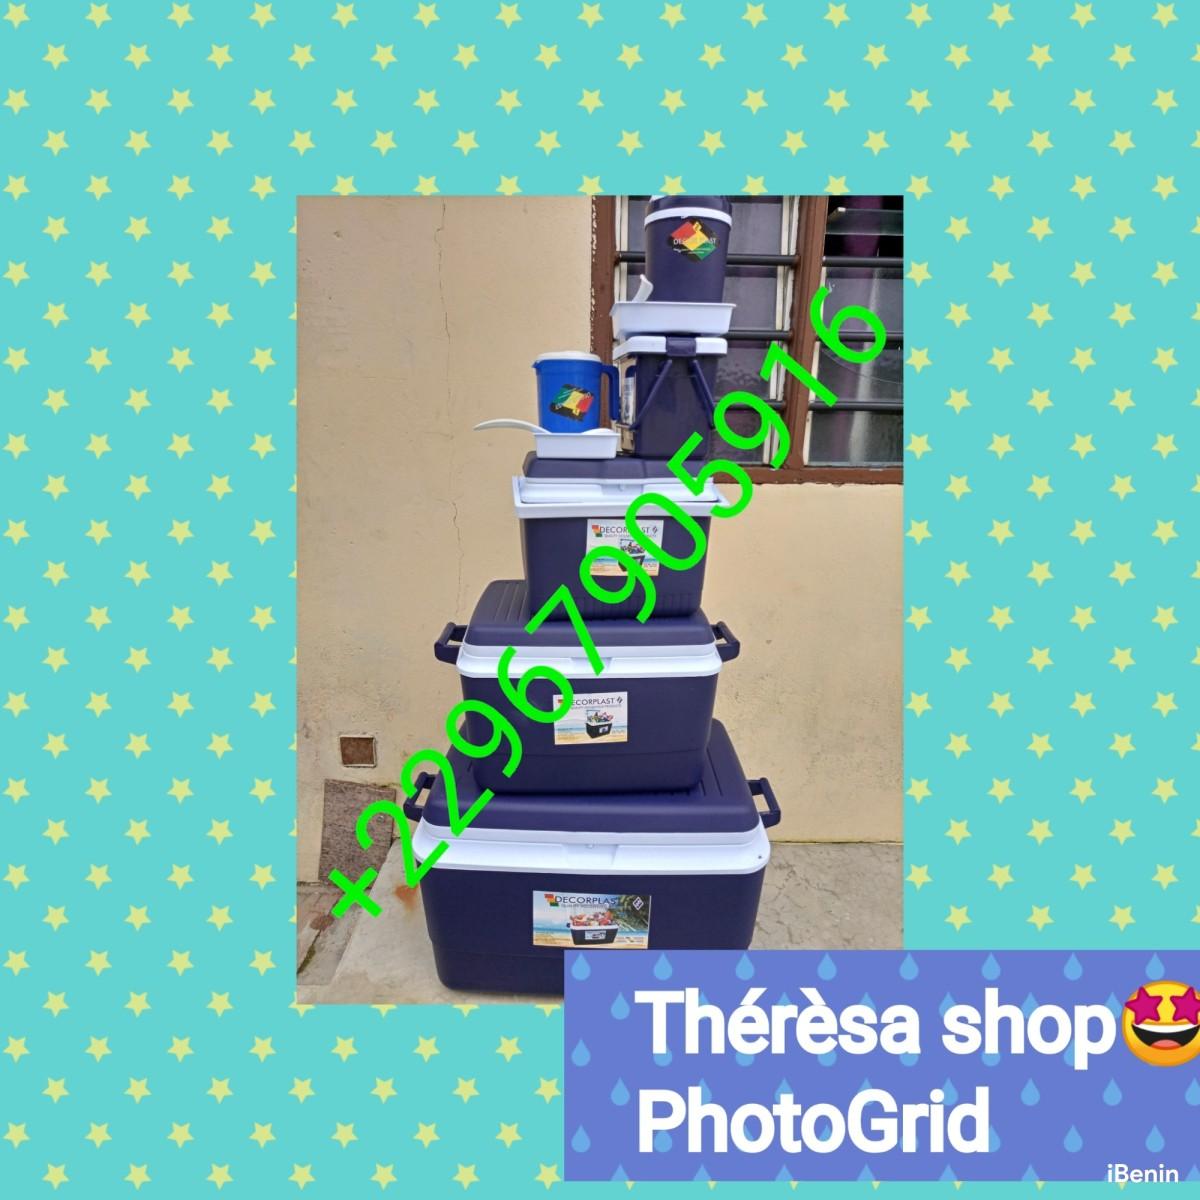 vente-des-ustensiles-de-cuisine-et-des-appareils-electromenagers-big-6